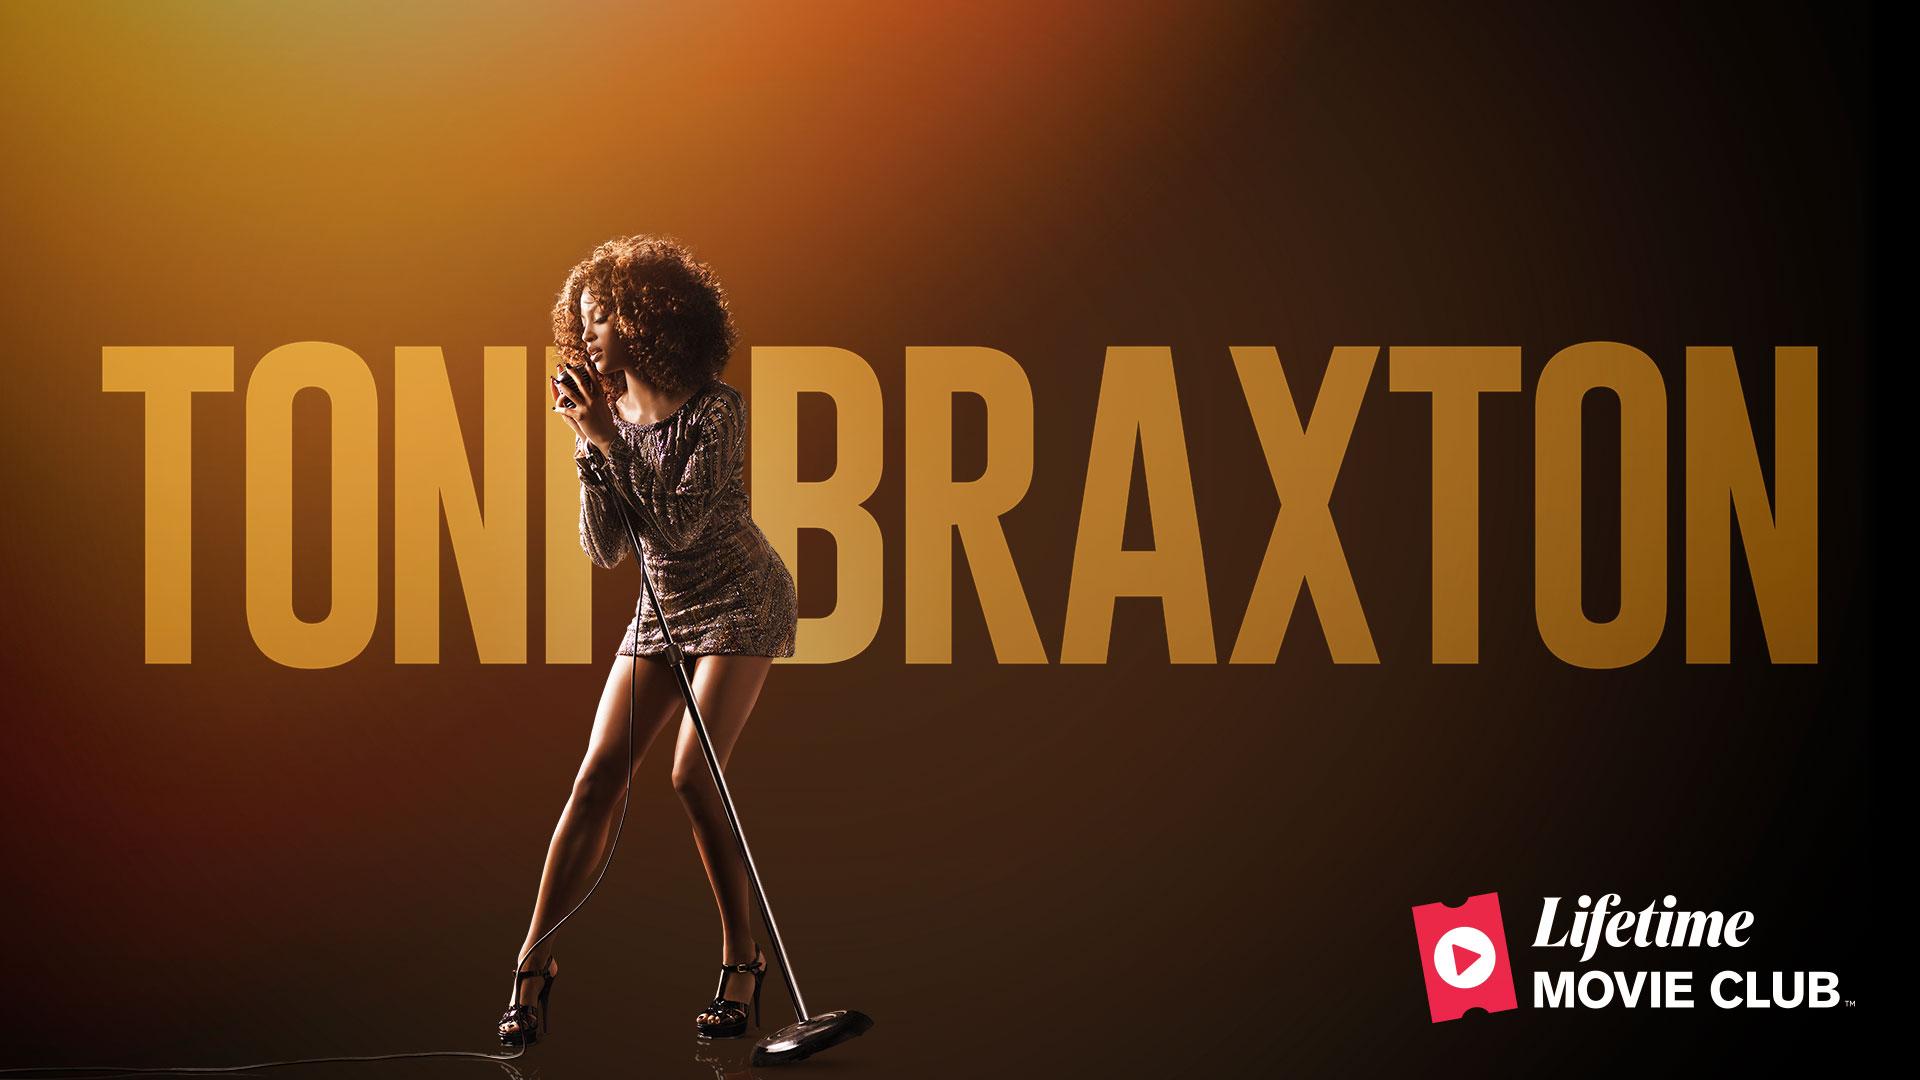 Toni Braxton: Unbreak My Heart Season 1